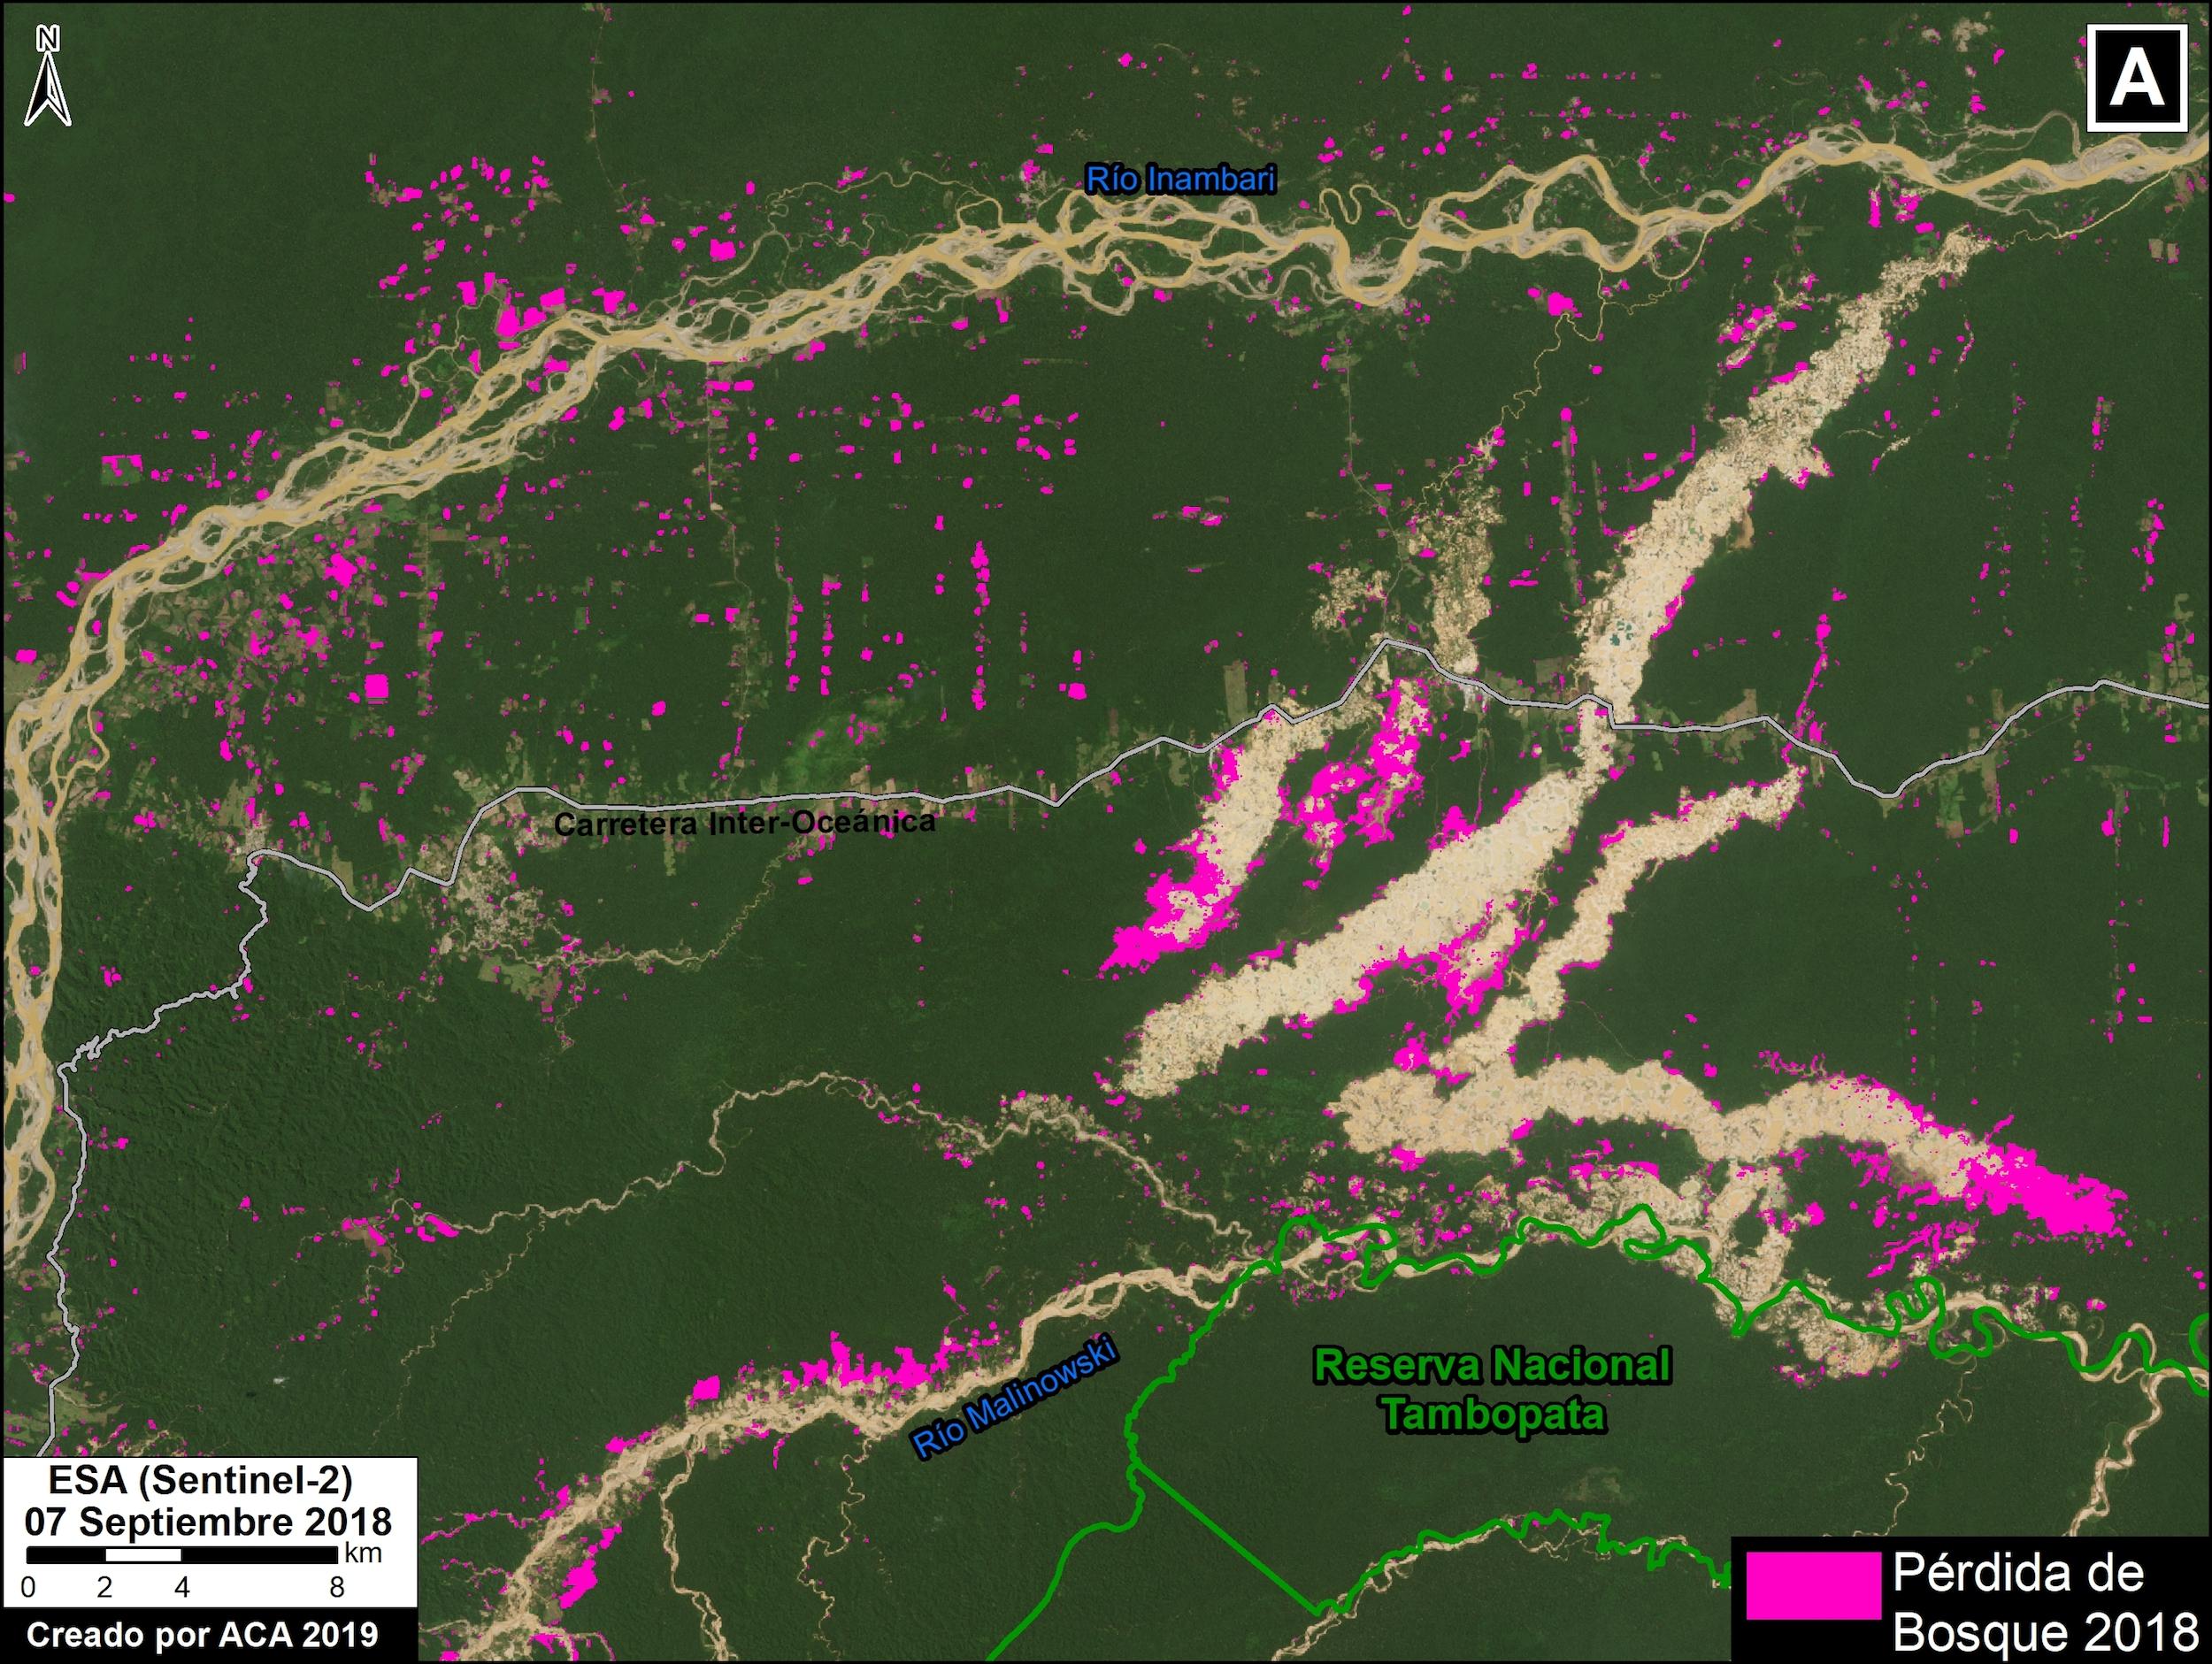 Las imágenes satelitales muestran las zonas deforestadas durante el 2018. Imagen: MAAP / ACCA.